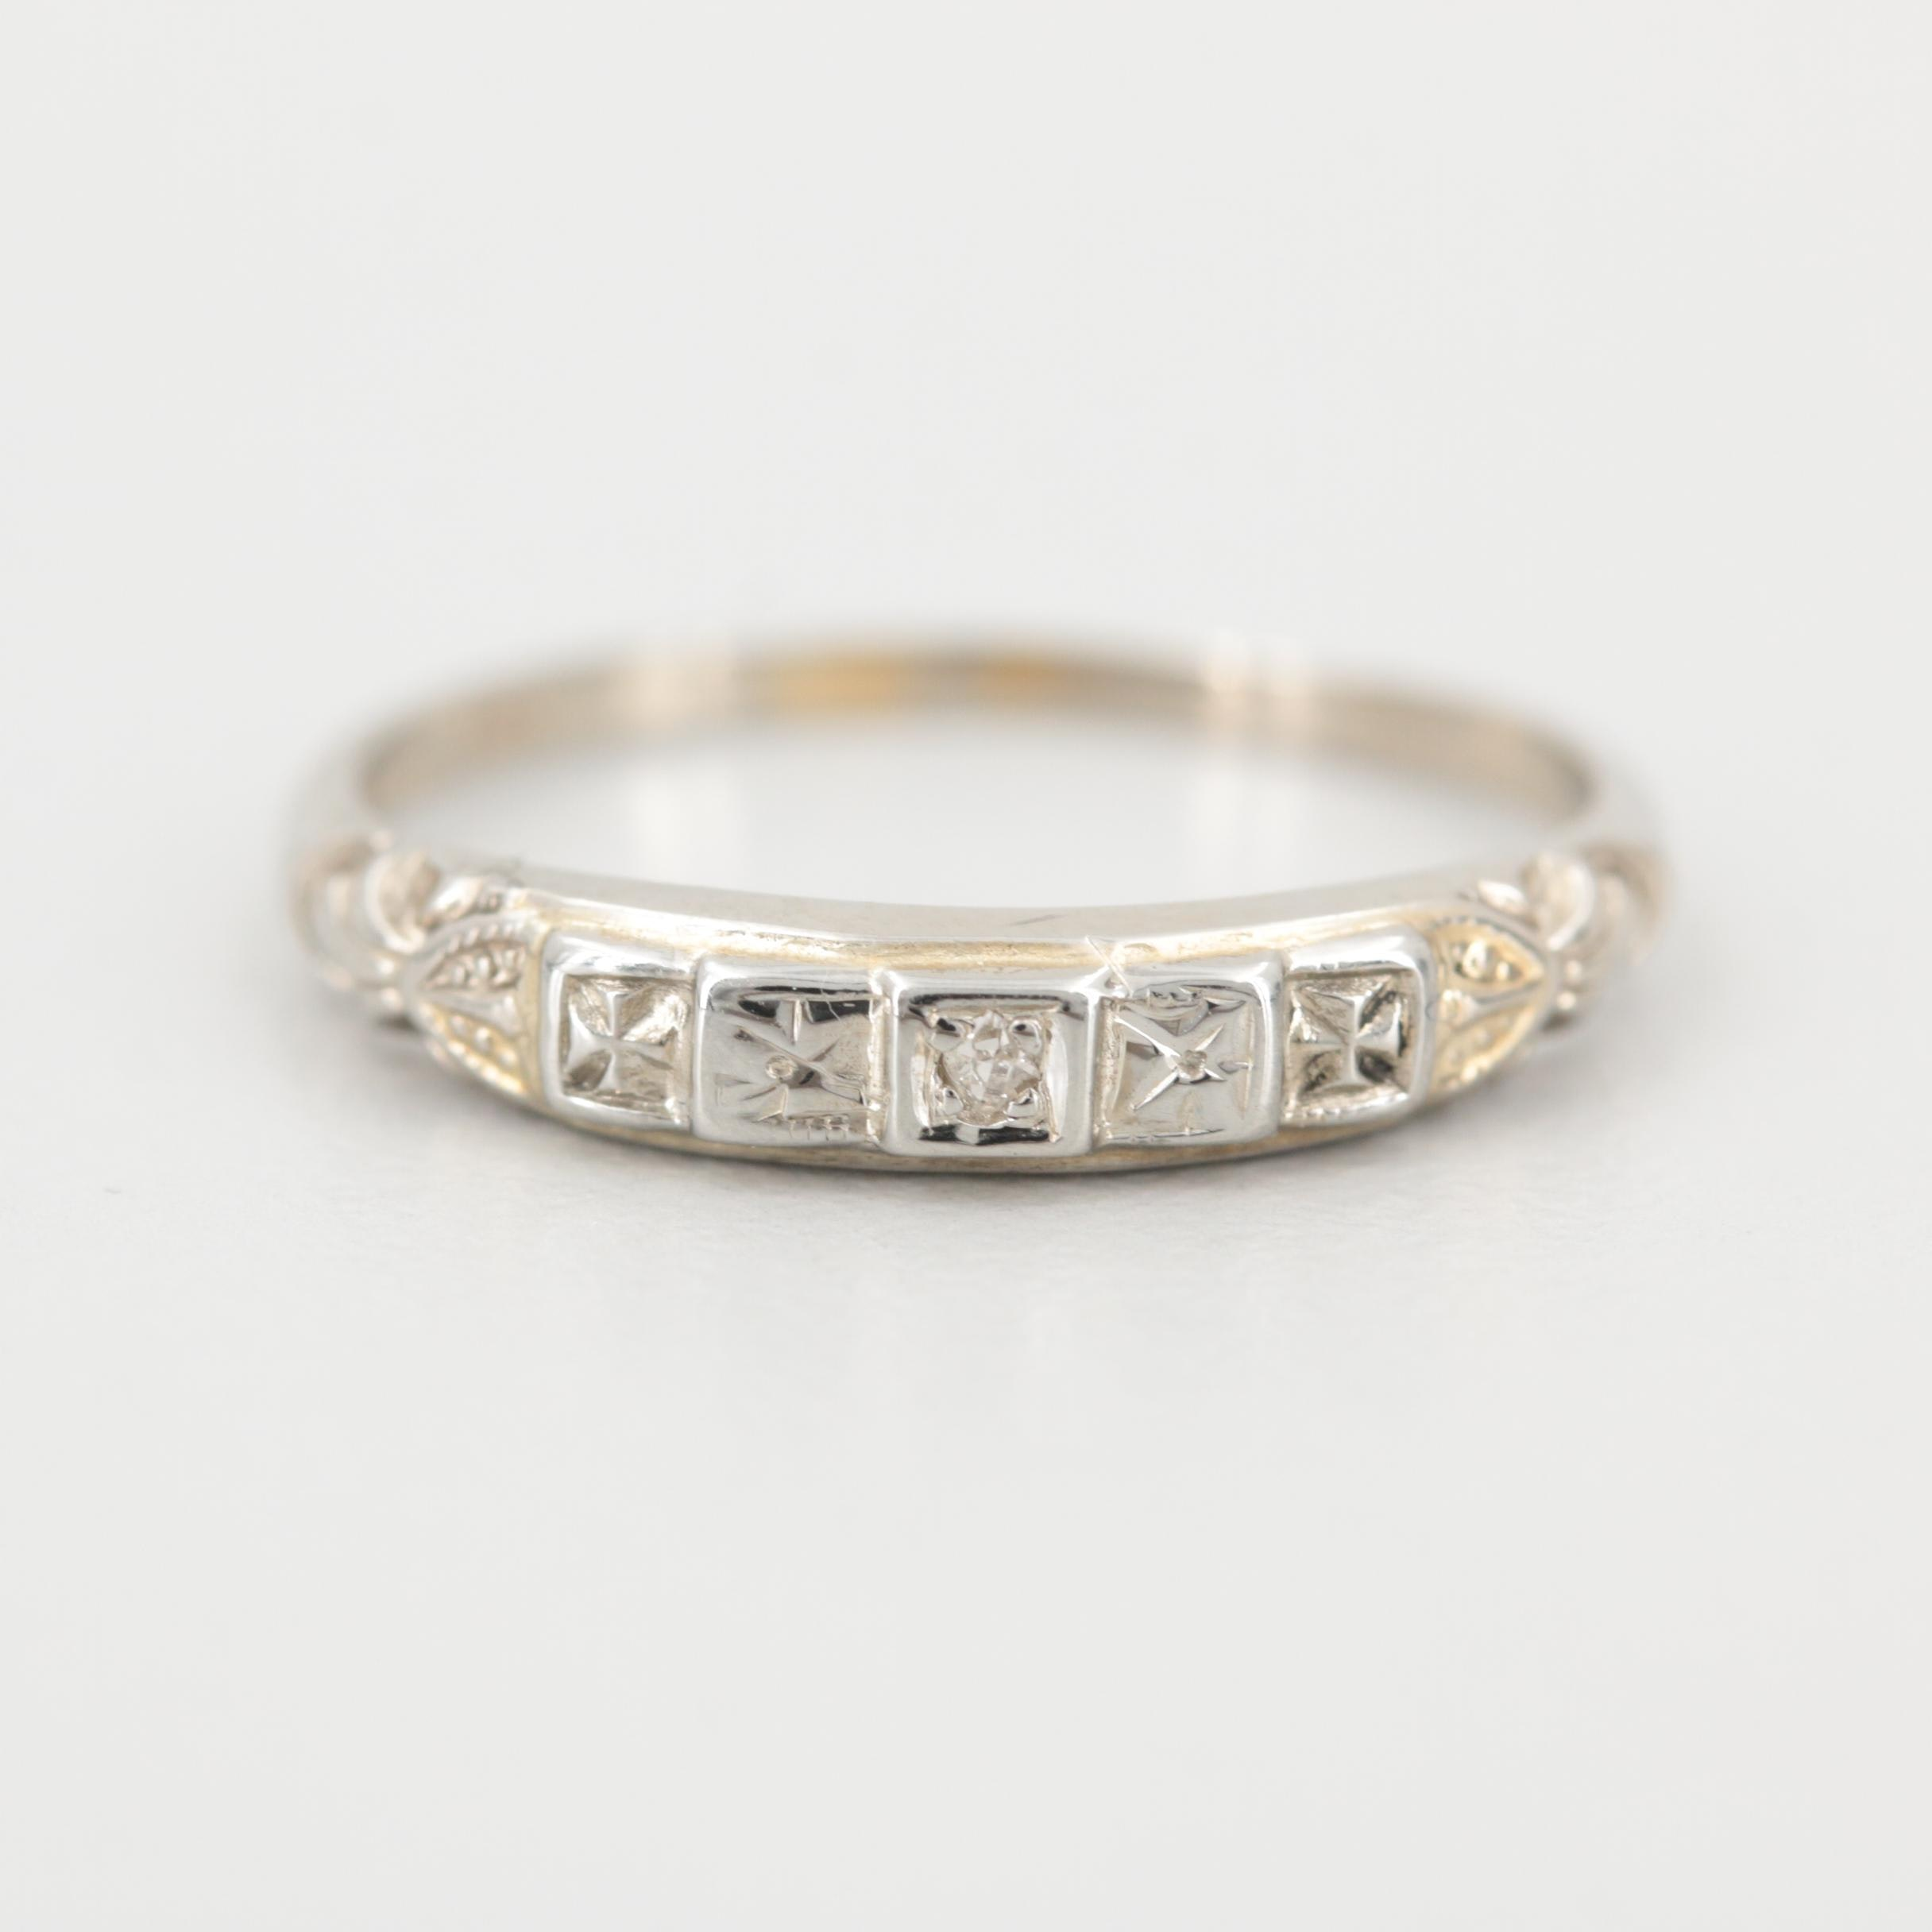 Art Deco 14K and 18K White Gold Diamond Ring